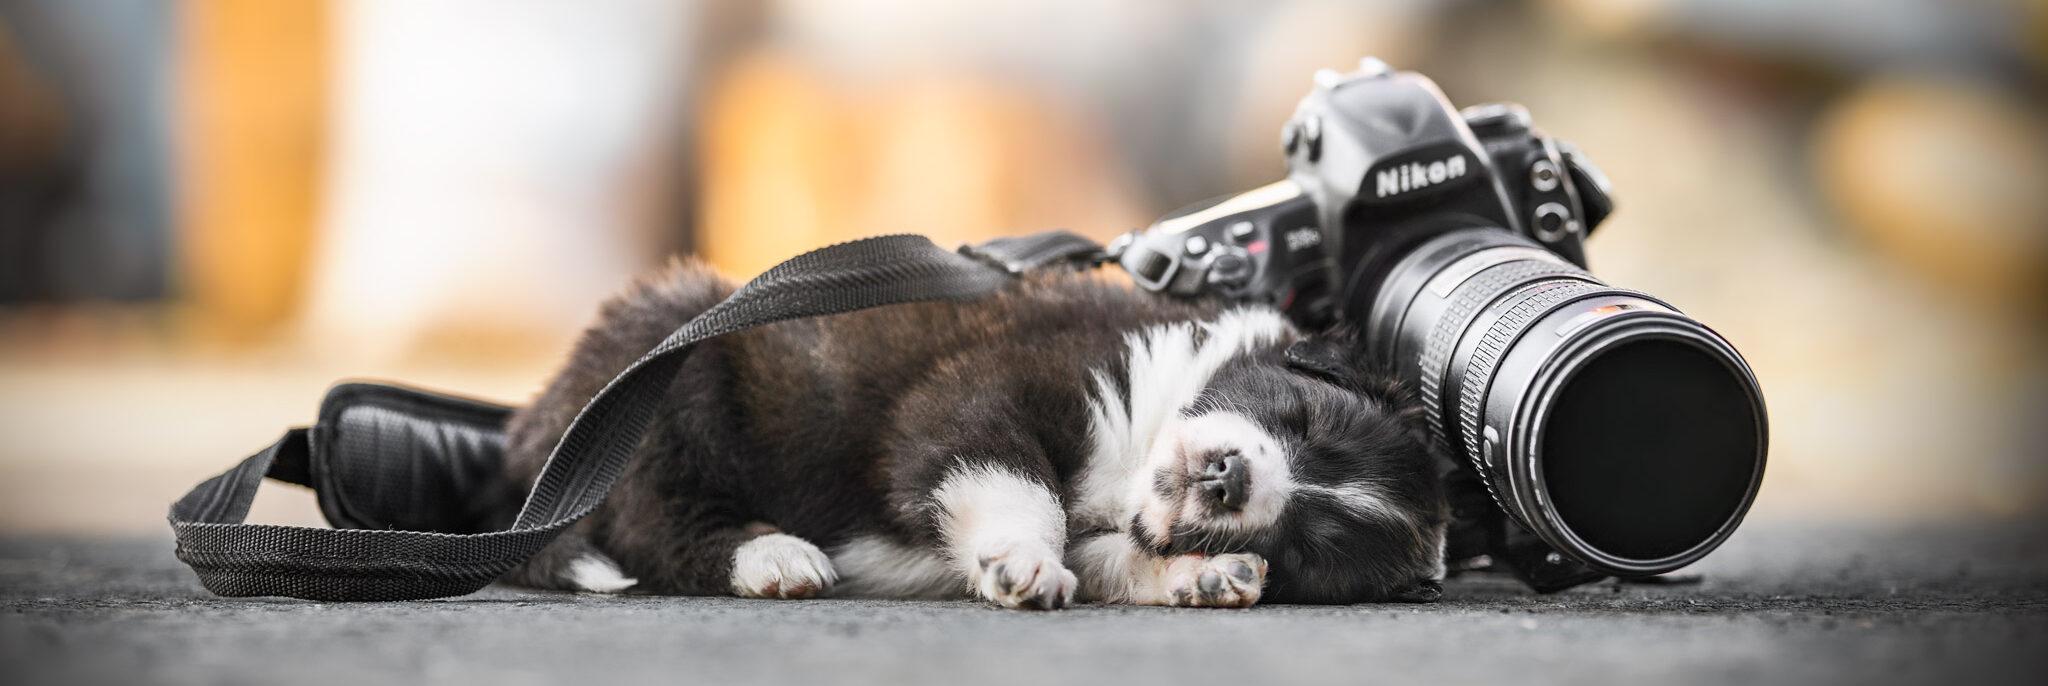 Schlafender Border Collie Welpe mit Kamera